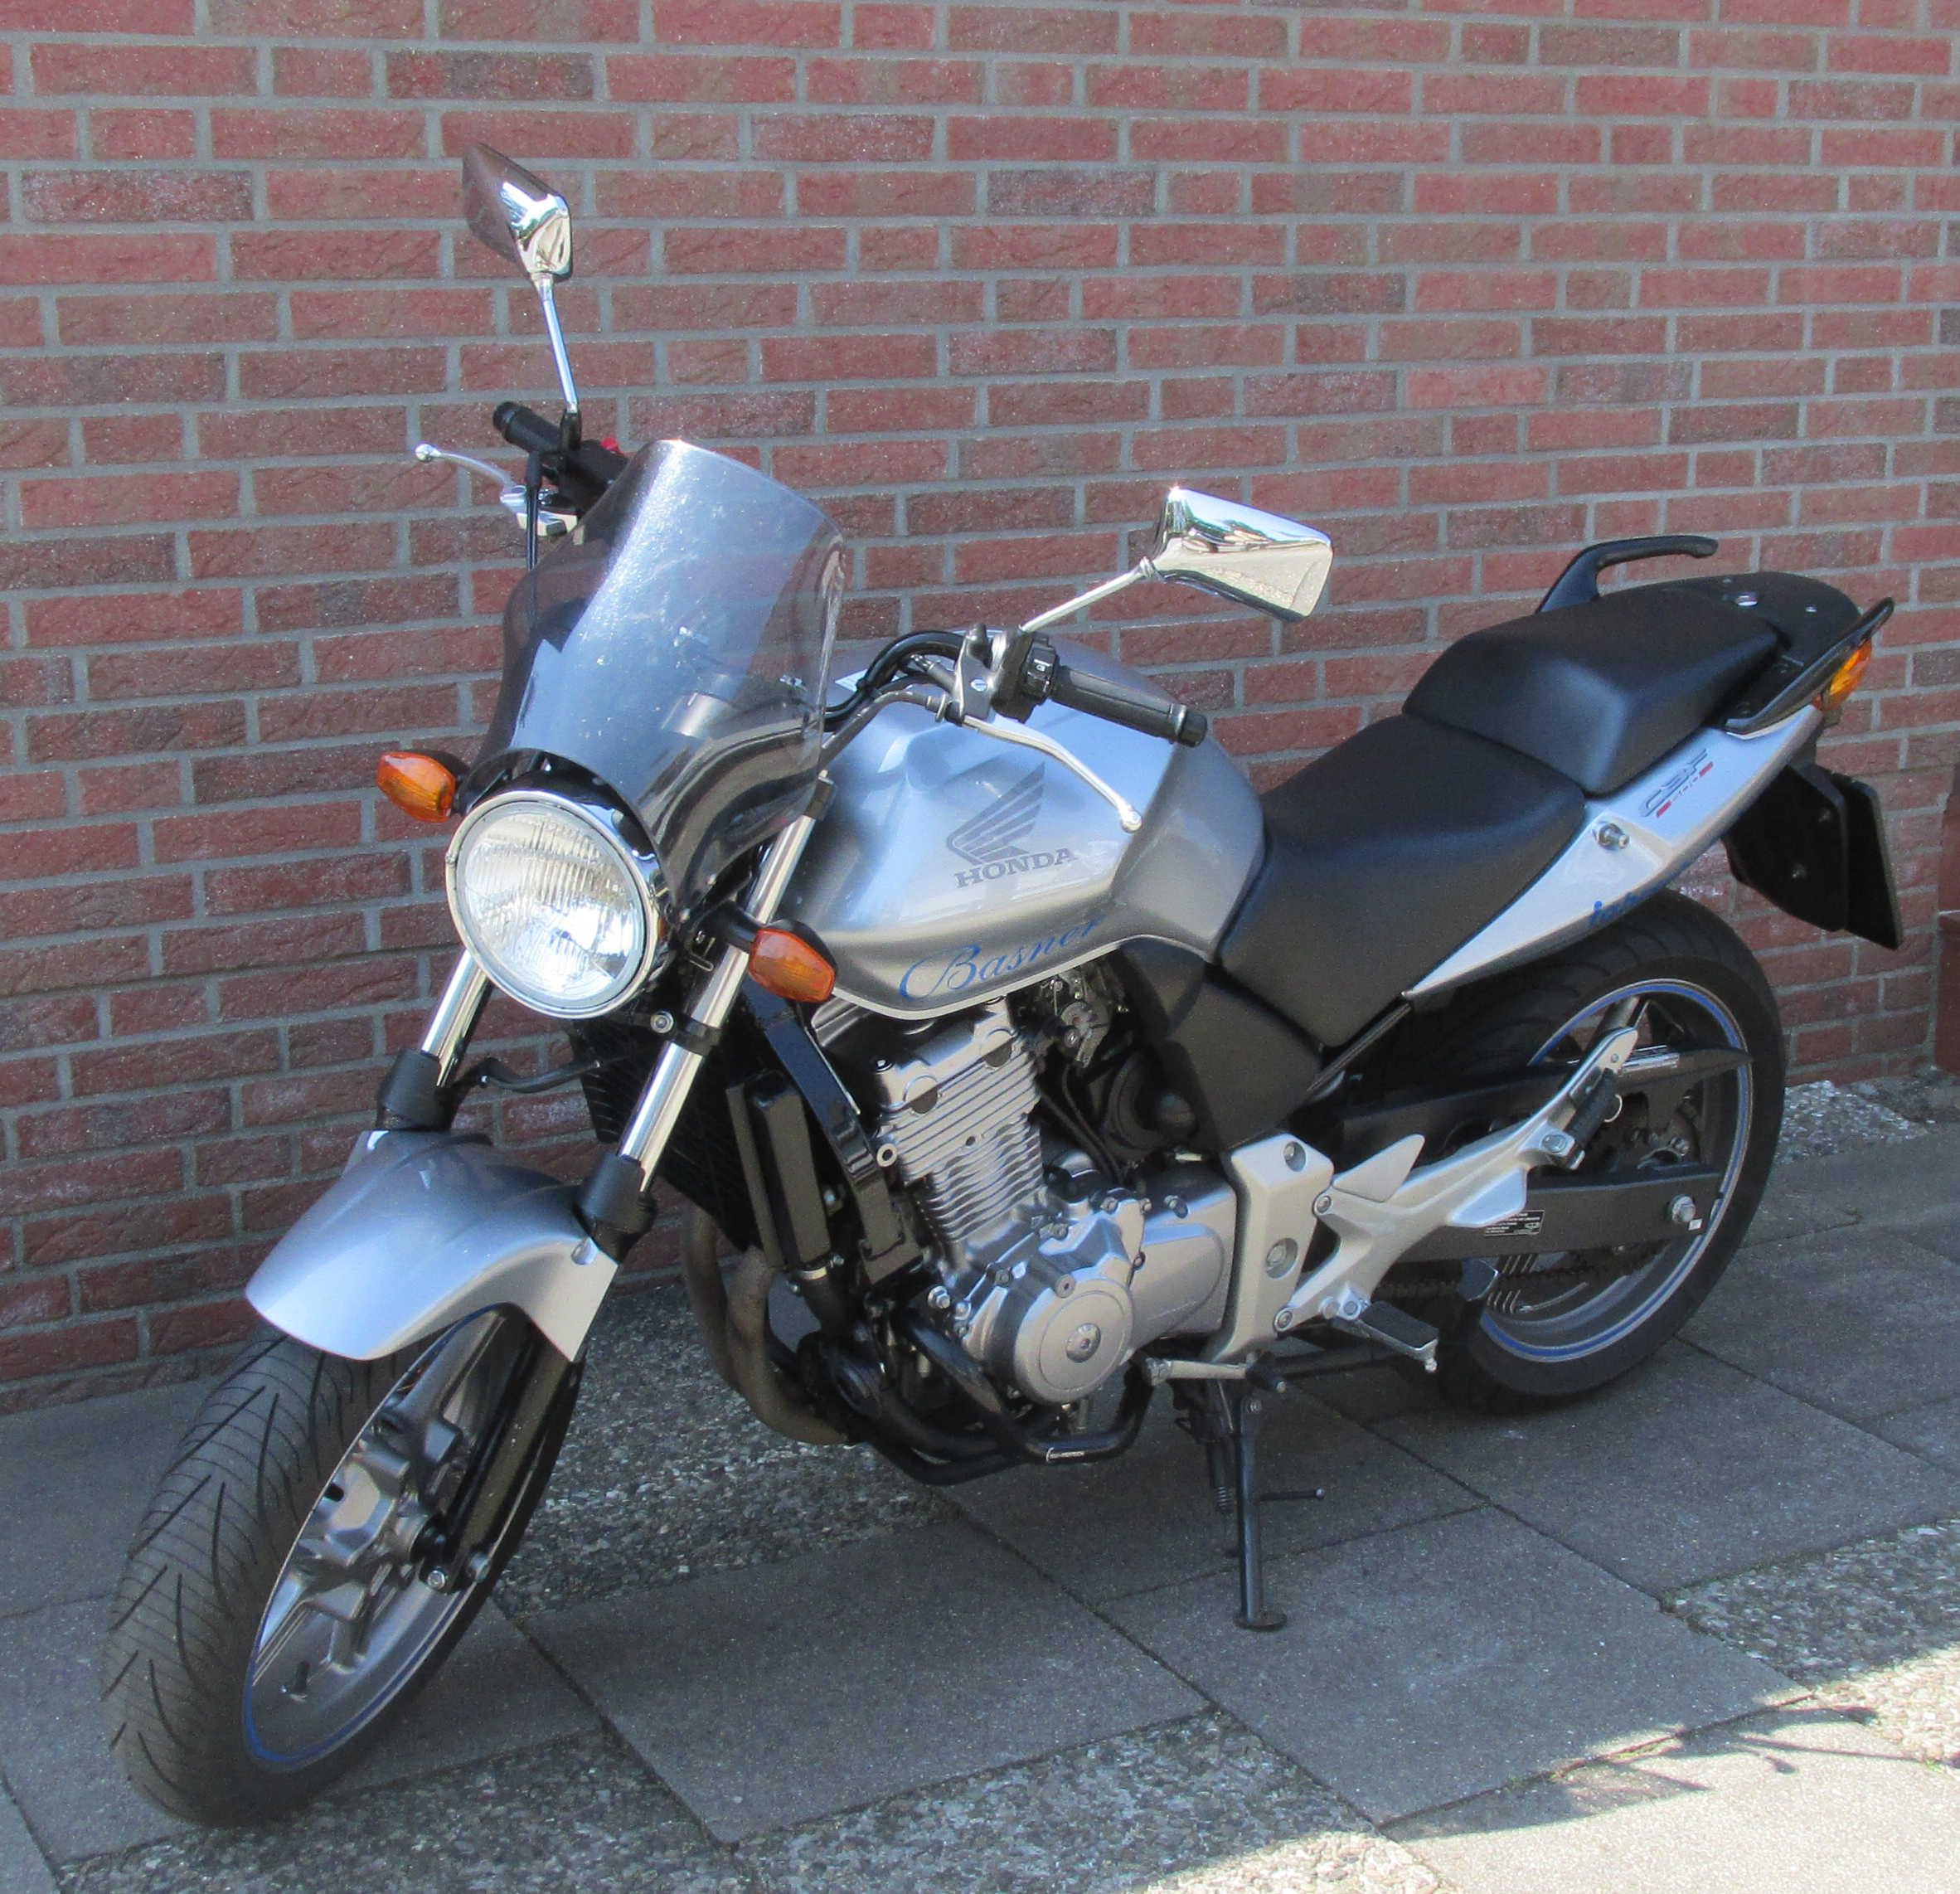 Bild vom Motorrad